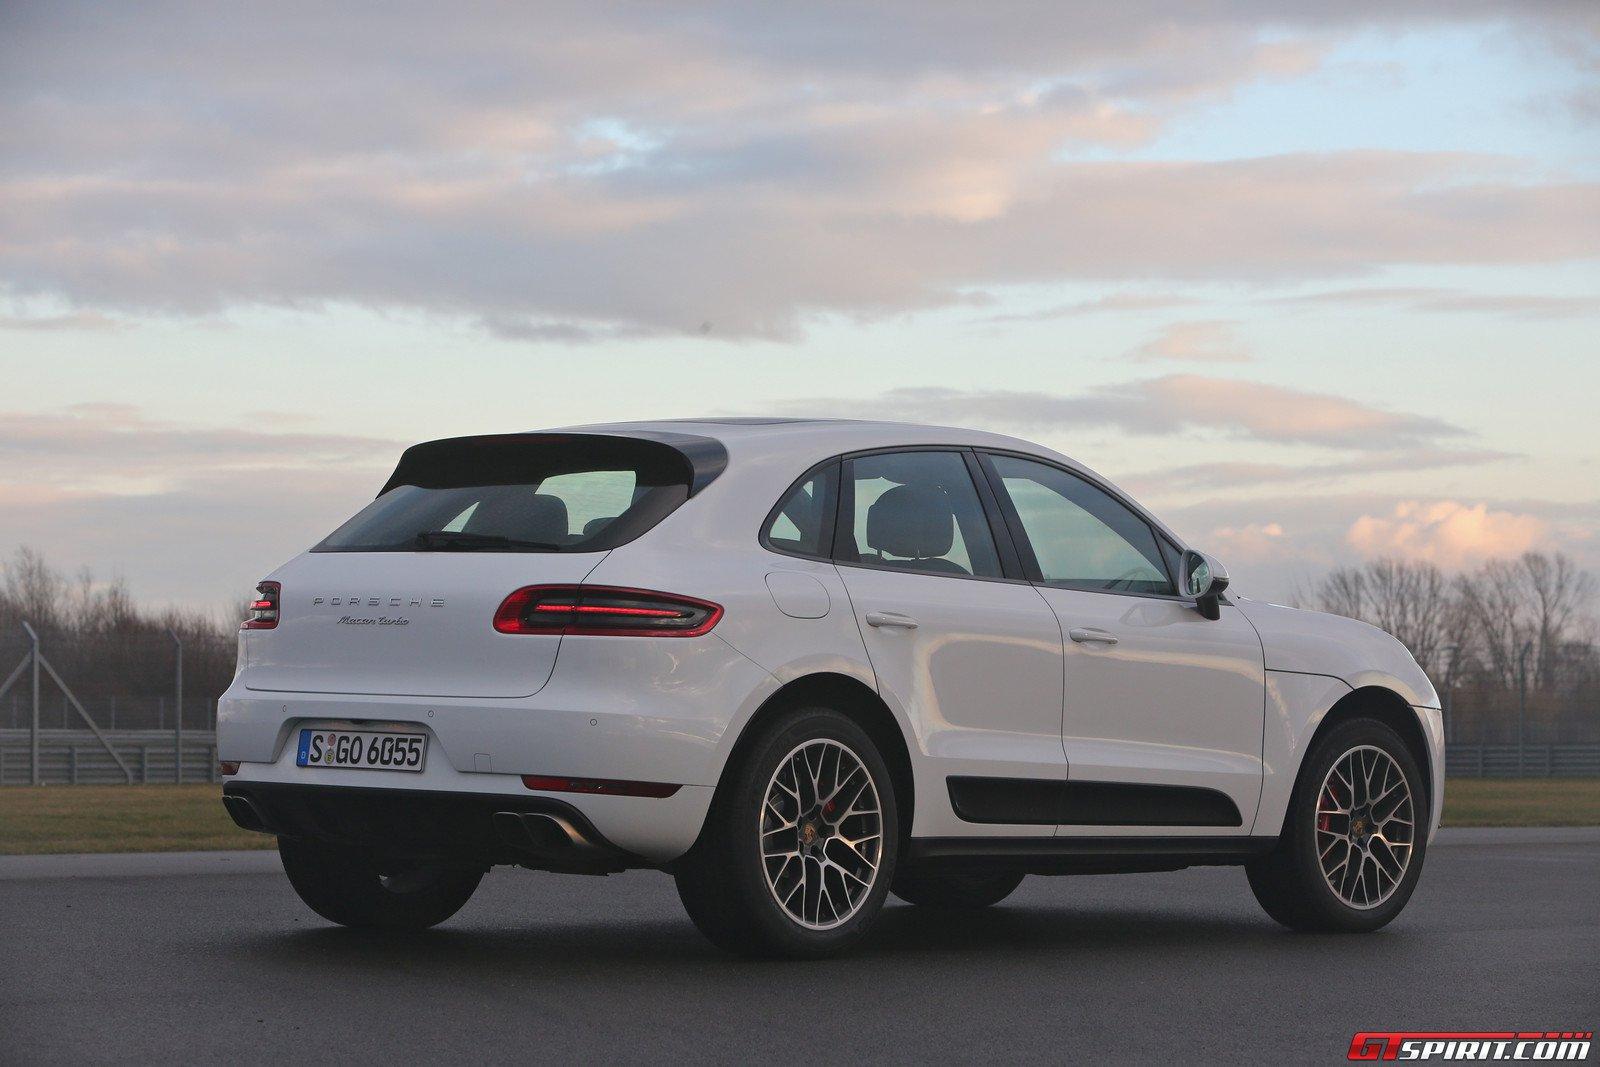 2015 Porsche Macan S Vs S Diesel Vs Macan Turbo Review ...